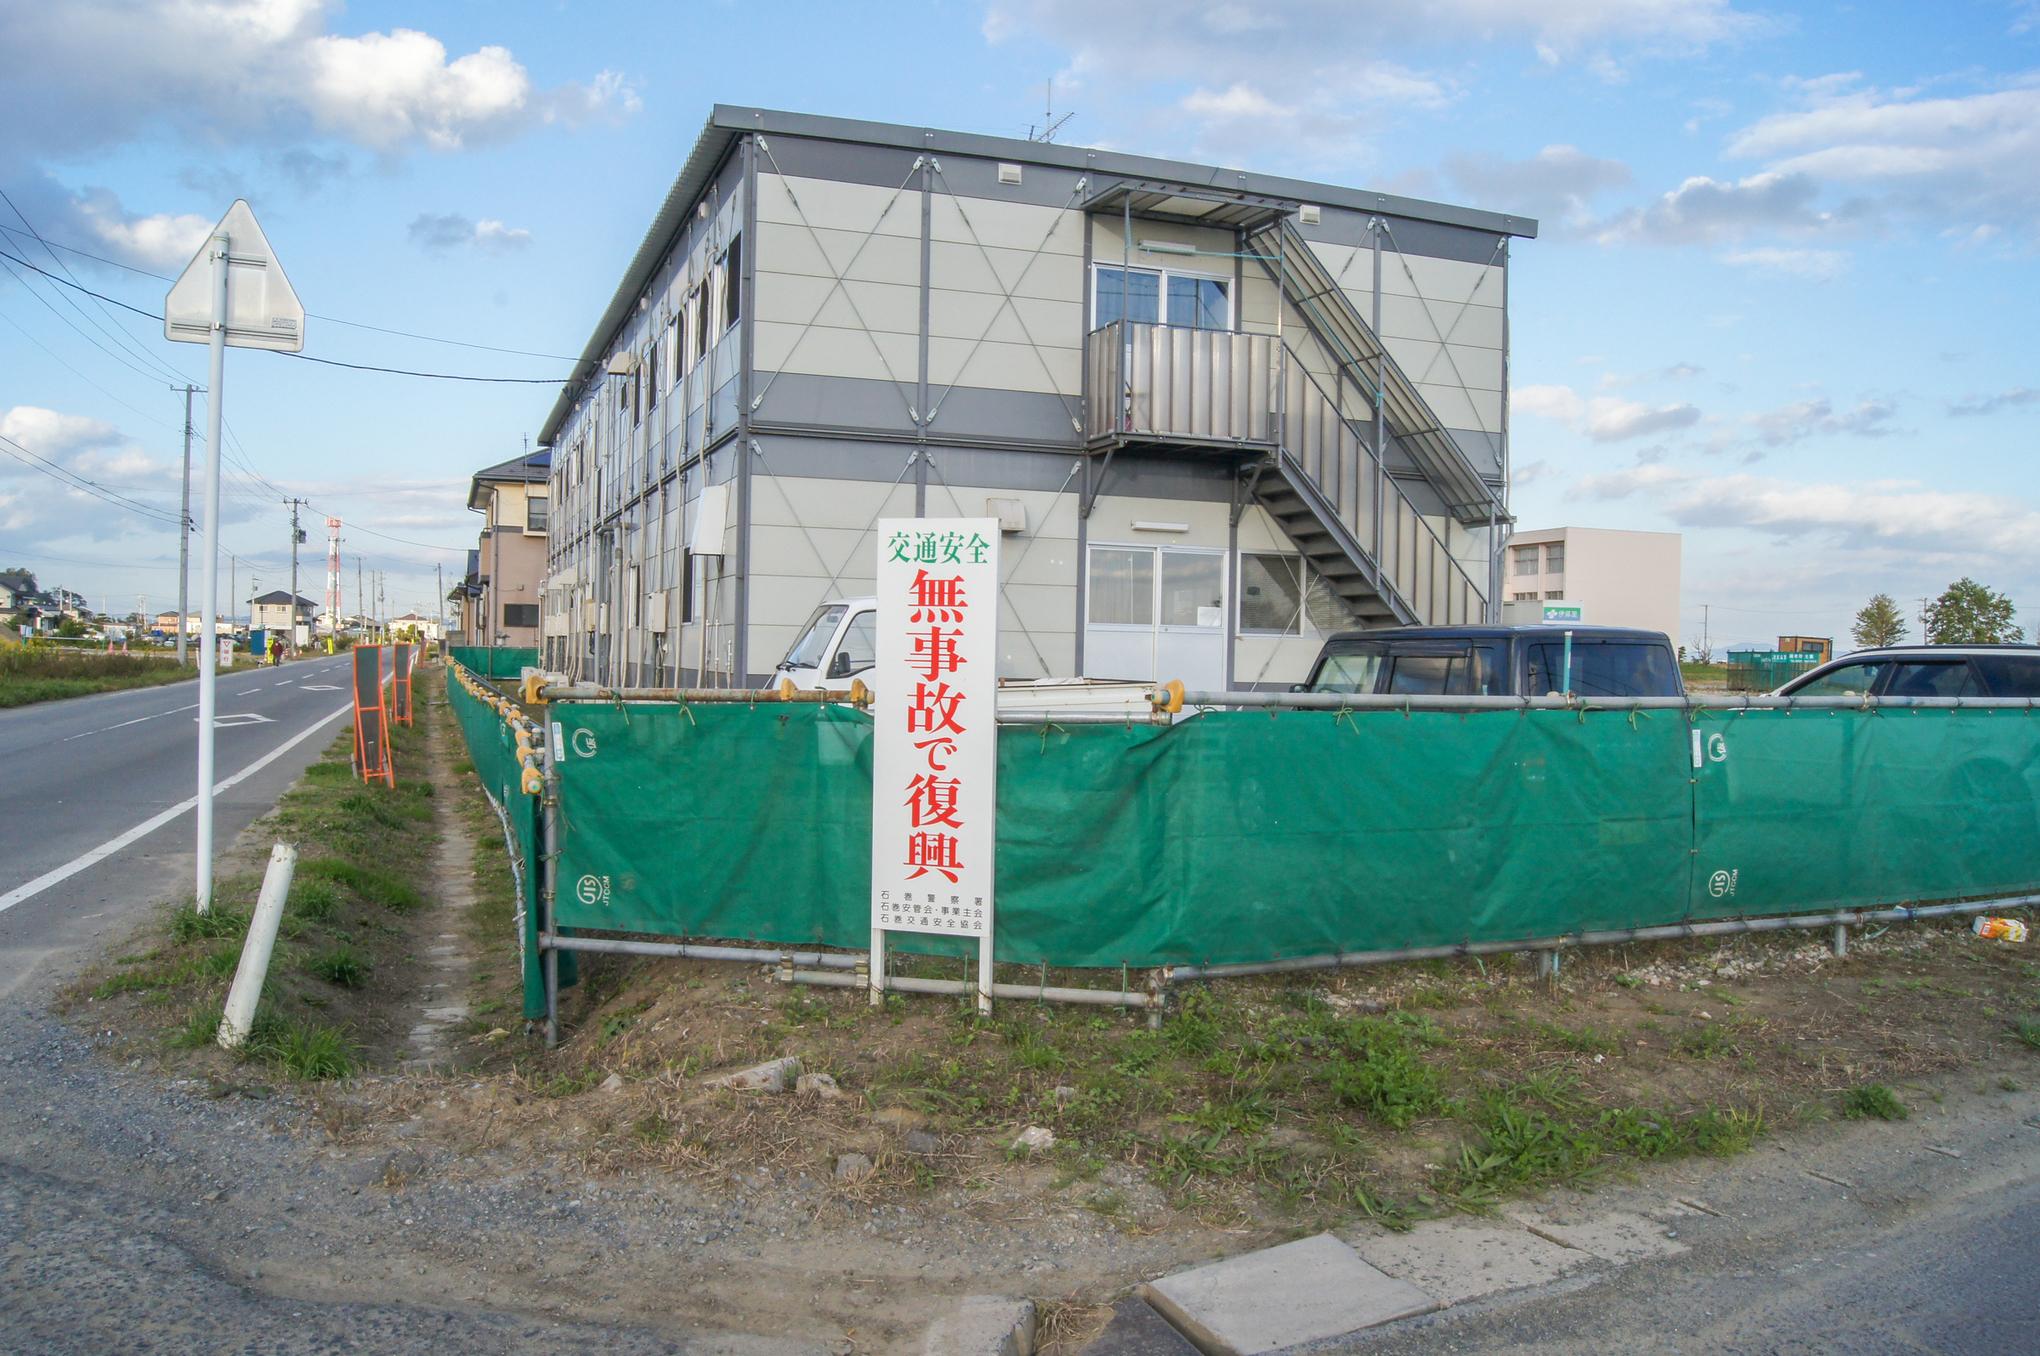 f:id:akichiniiko:20200607165449j:plain